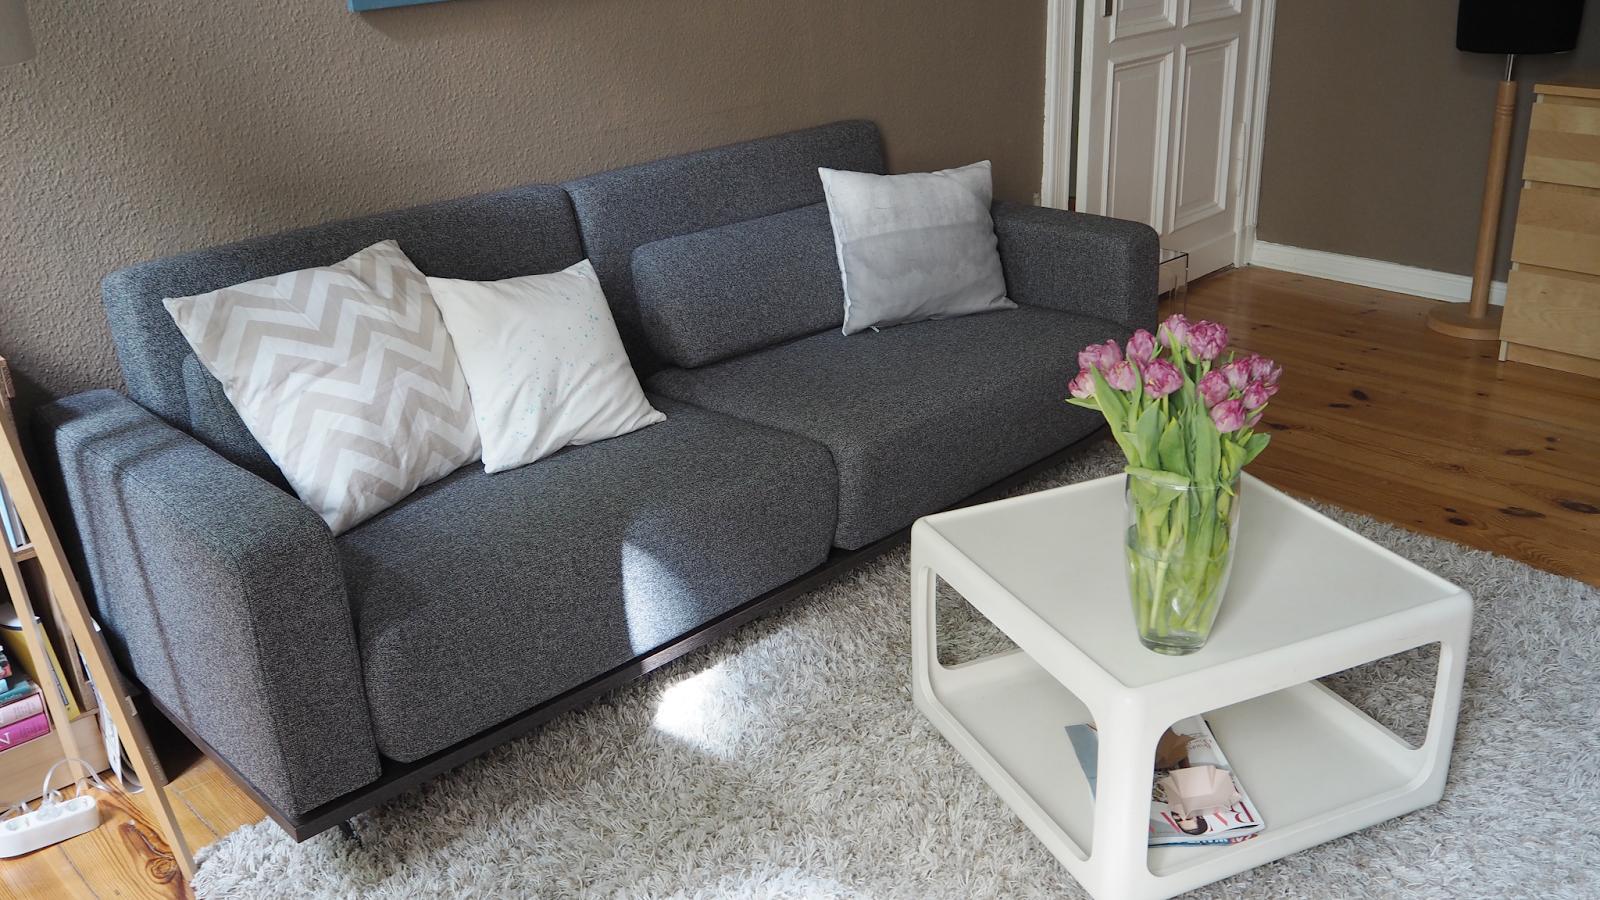 mein liebster ort in unserer wohnung zuhause dekoration sch ne dinge pinterest. Black Bedroom Furniture Sets. Home Design Ideas